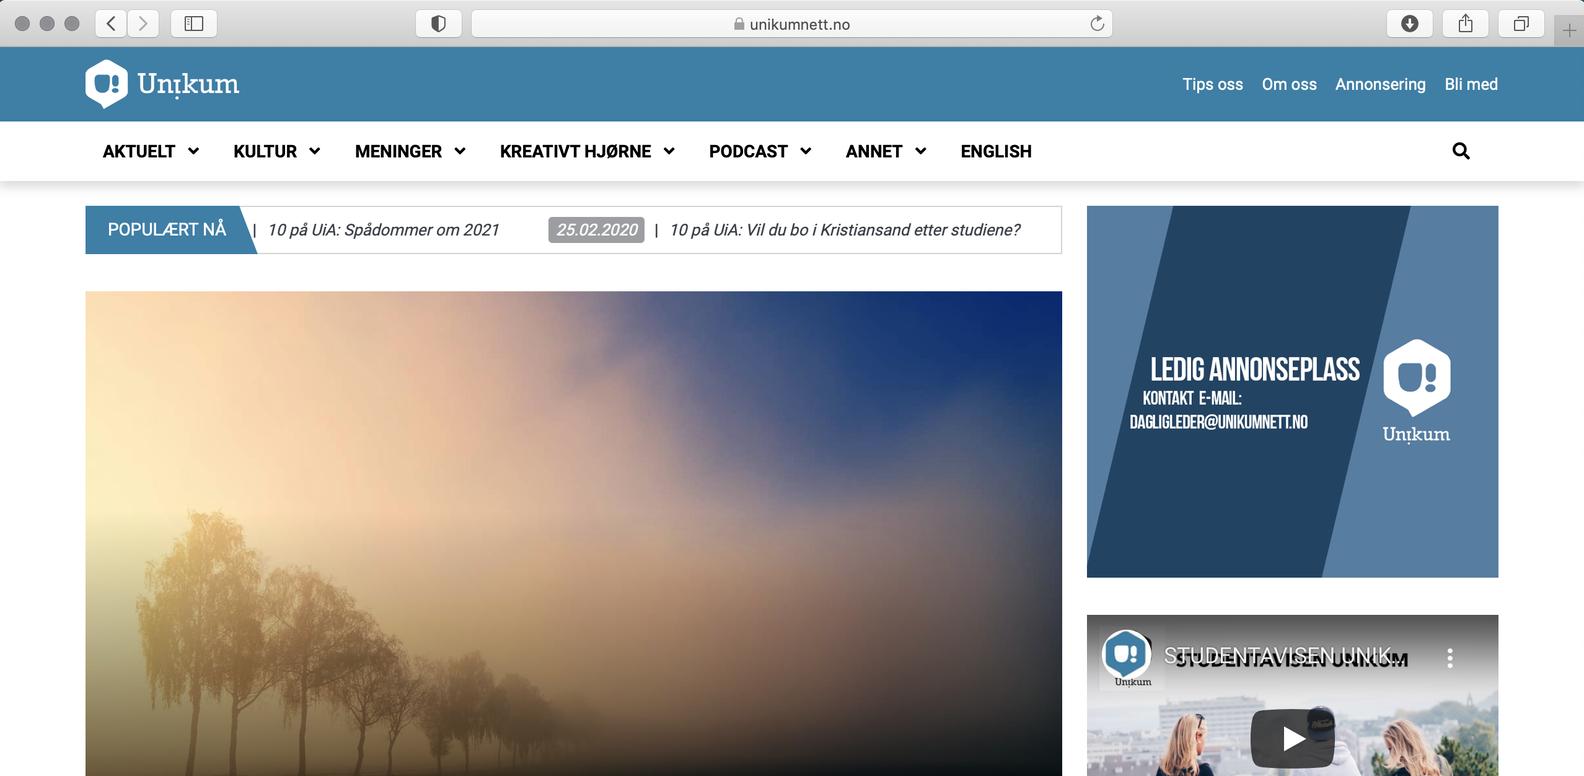 Unikumhar fått nynettavis: –Viktig medet godt medietilbud på nett